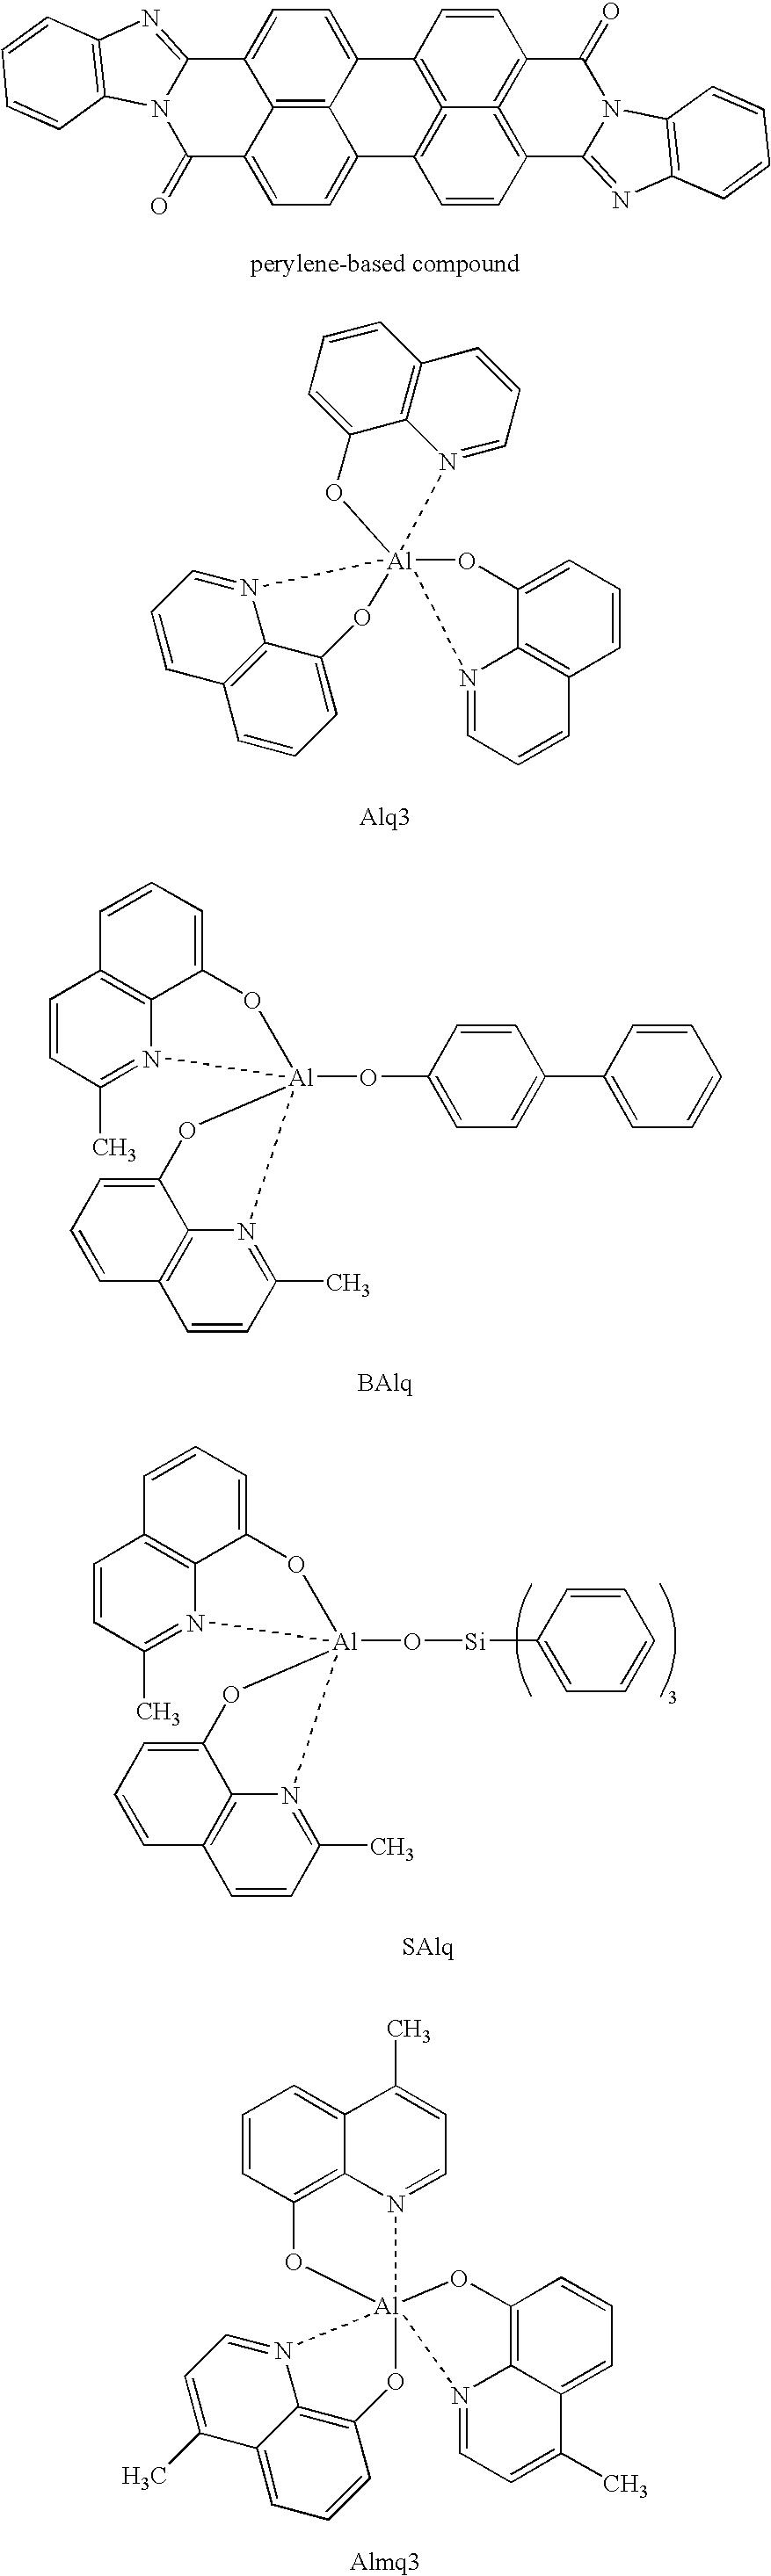 Figure US20080171226A1-20080717-C00004